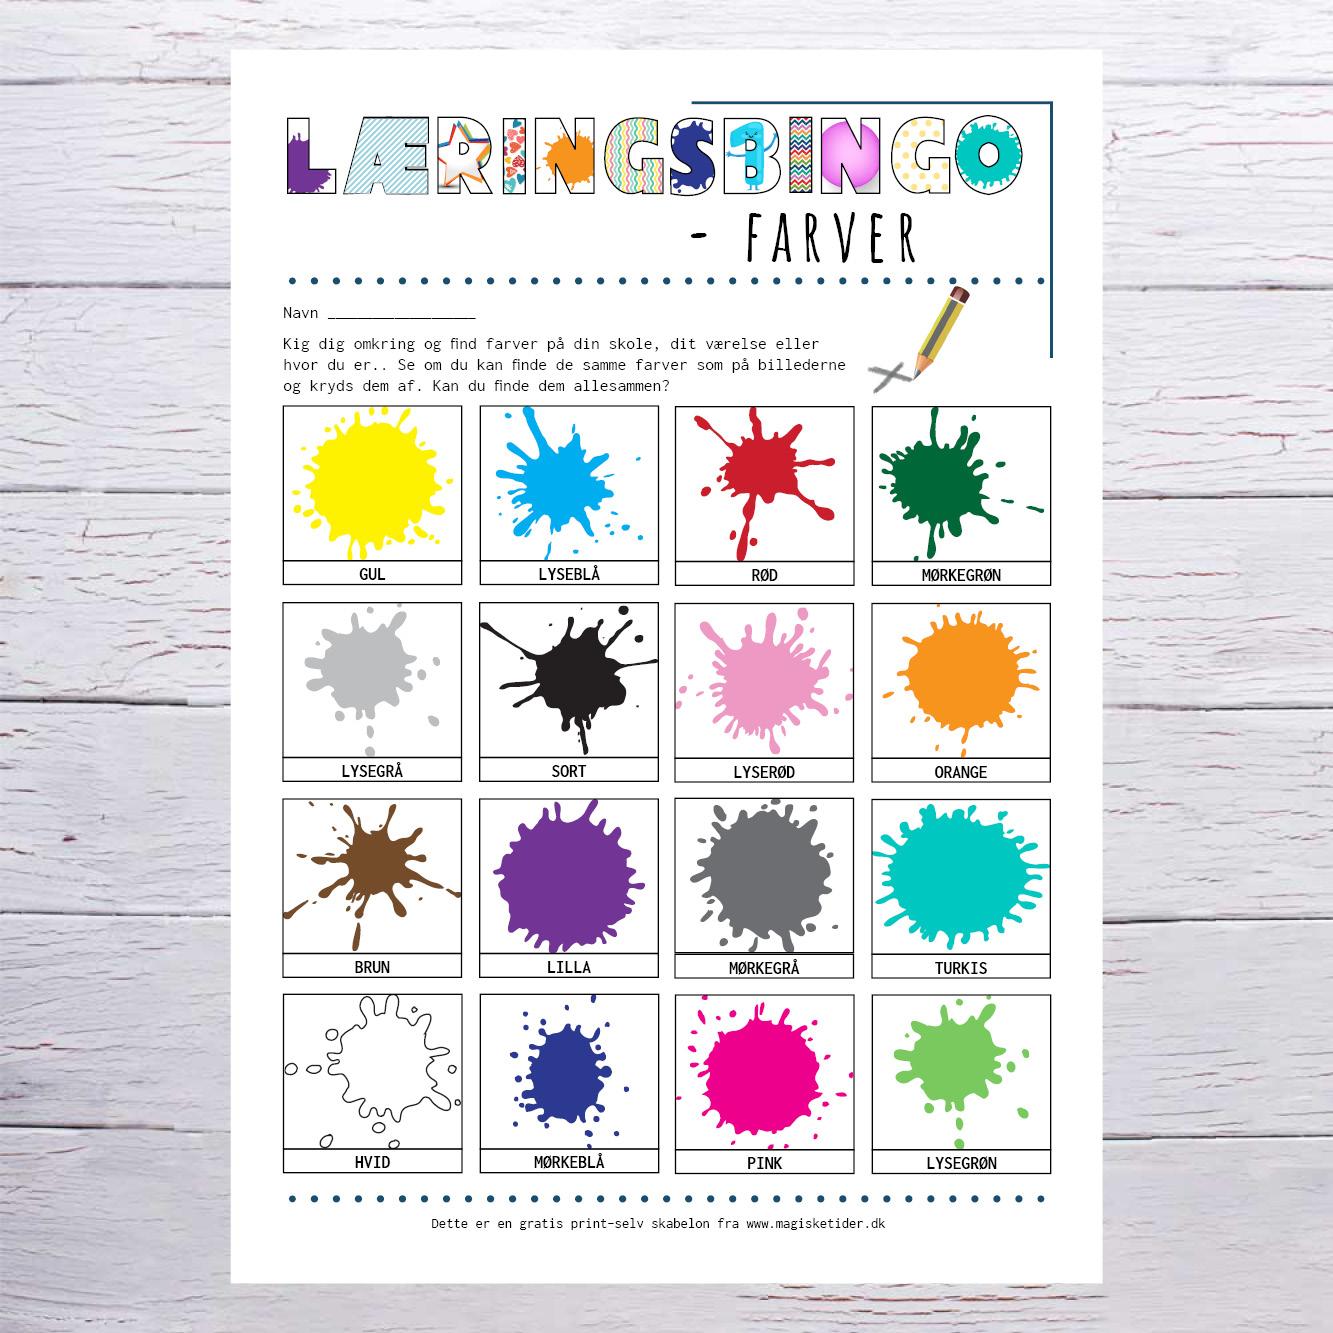 Læringsbingo - farver